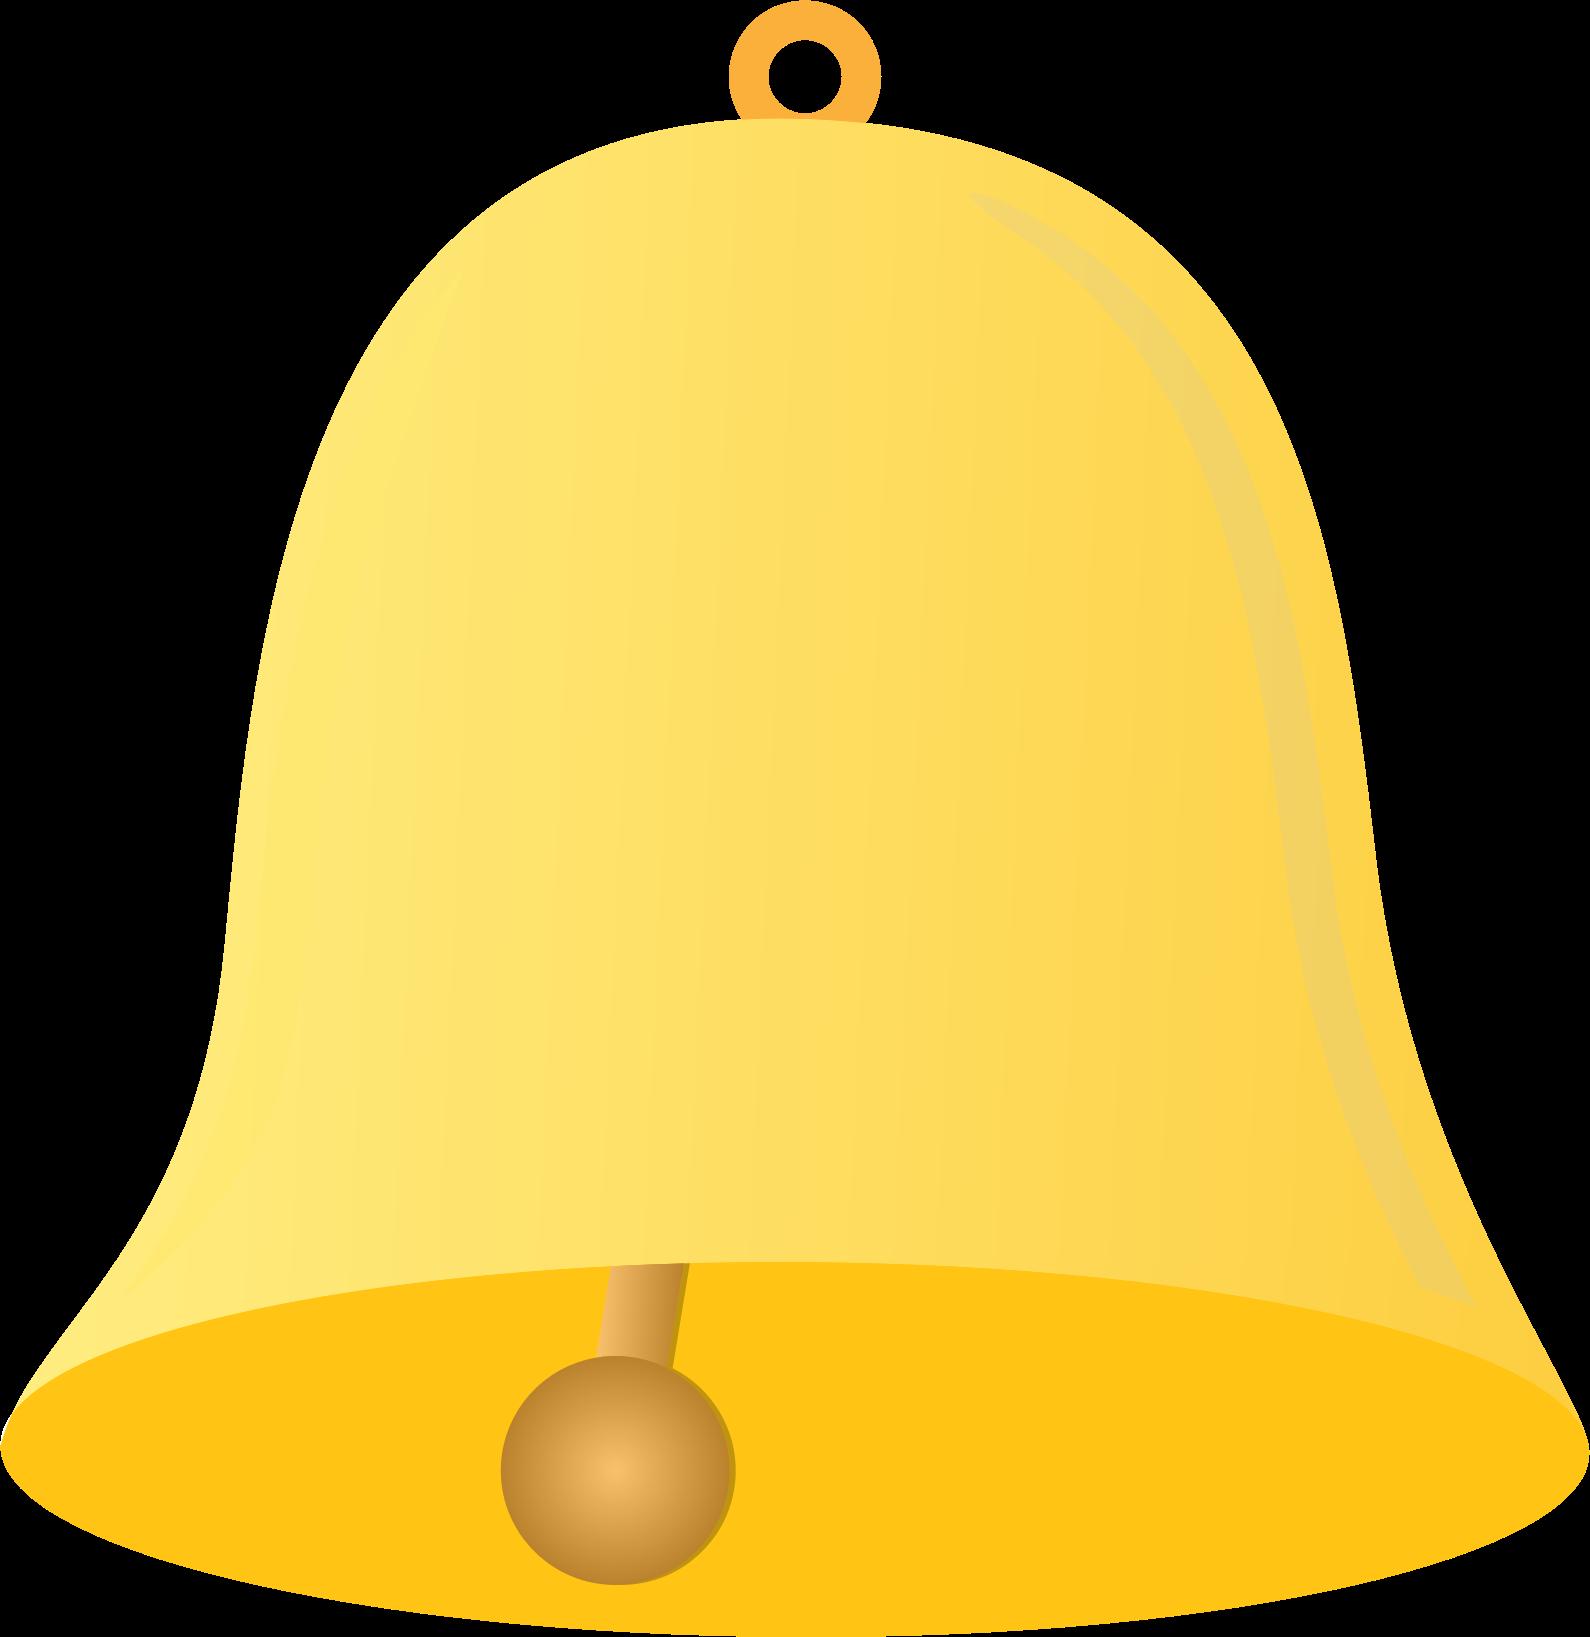 Clipart bell.